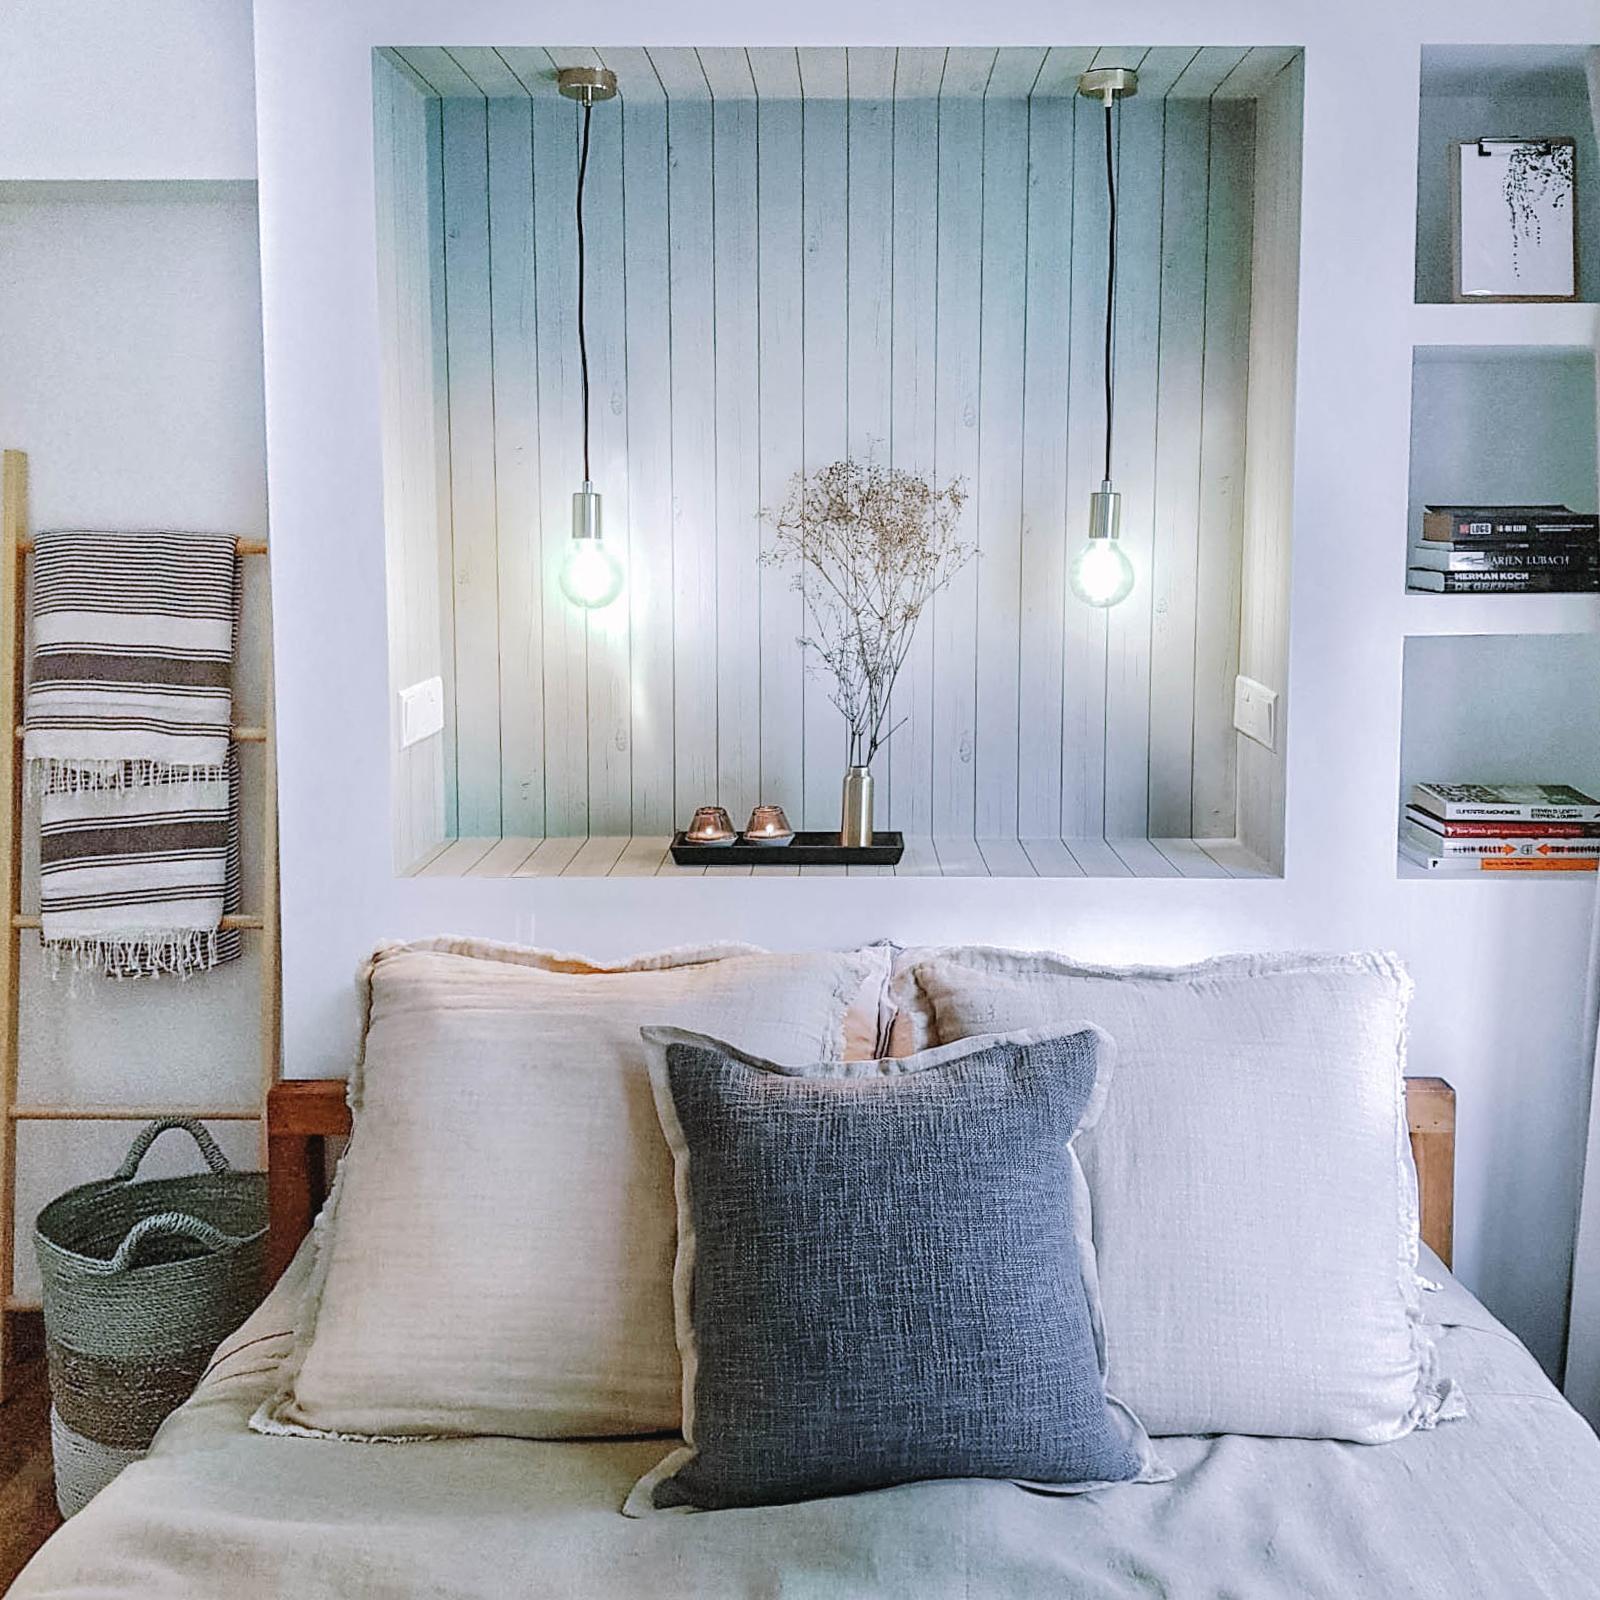 Boho Chic Bedroom Design Hanging Rope Lights